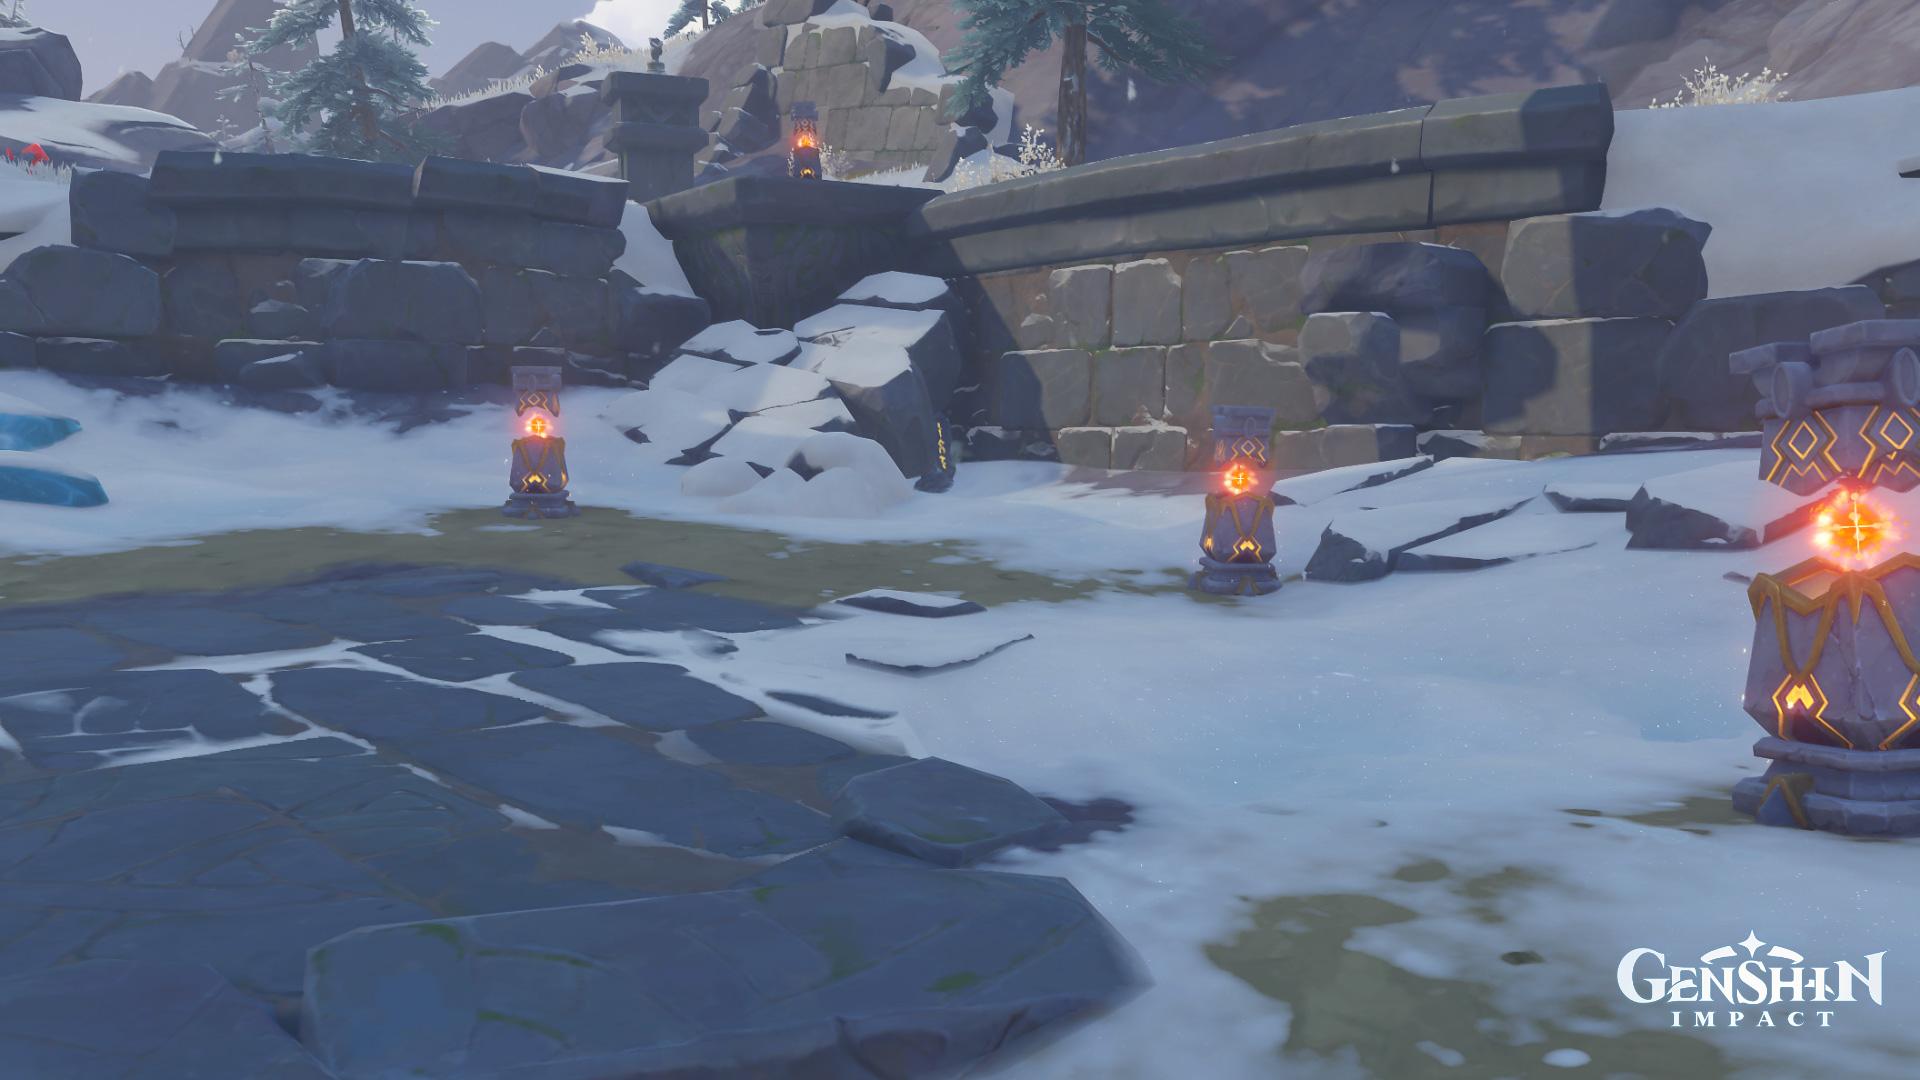 Emplacements des tablettes de pierre à Genshin Impact - 4